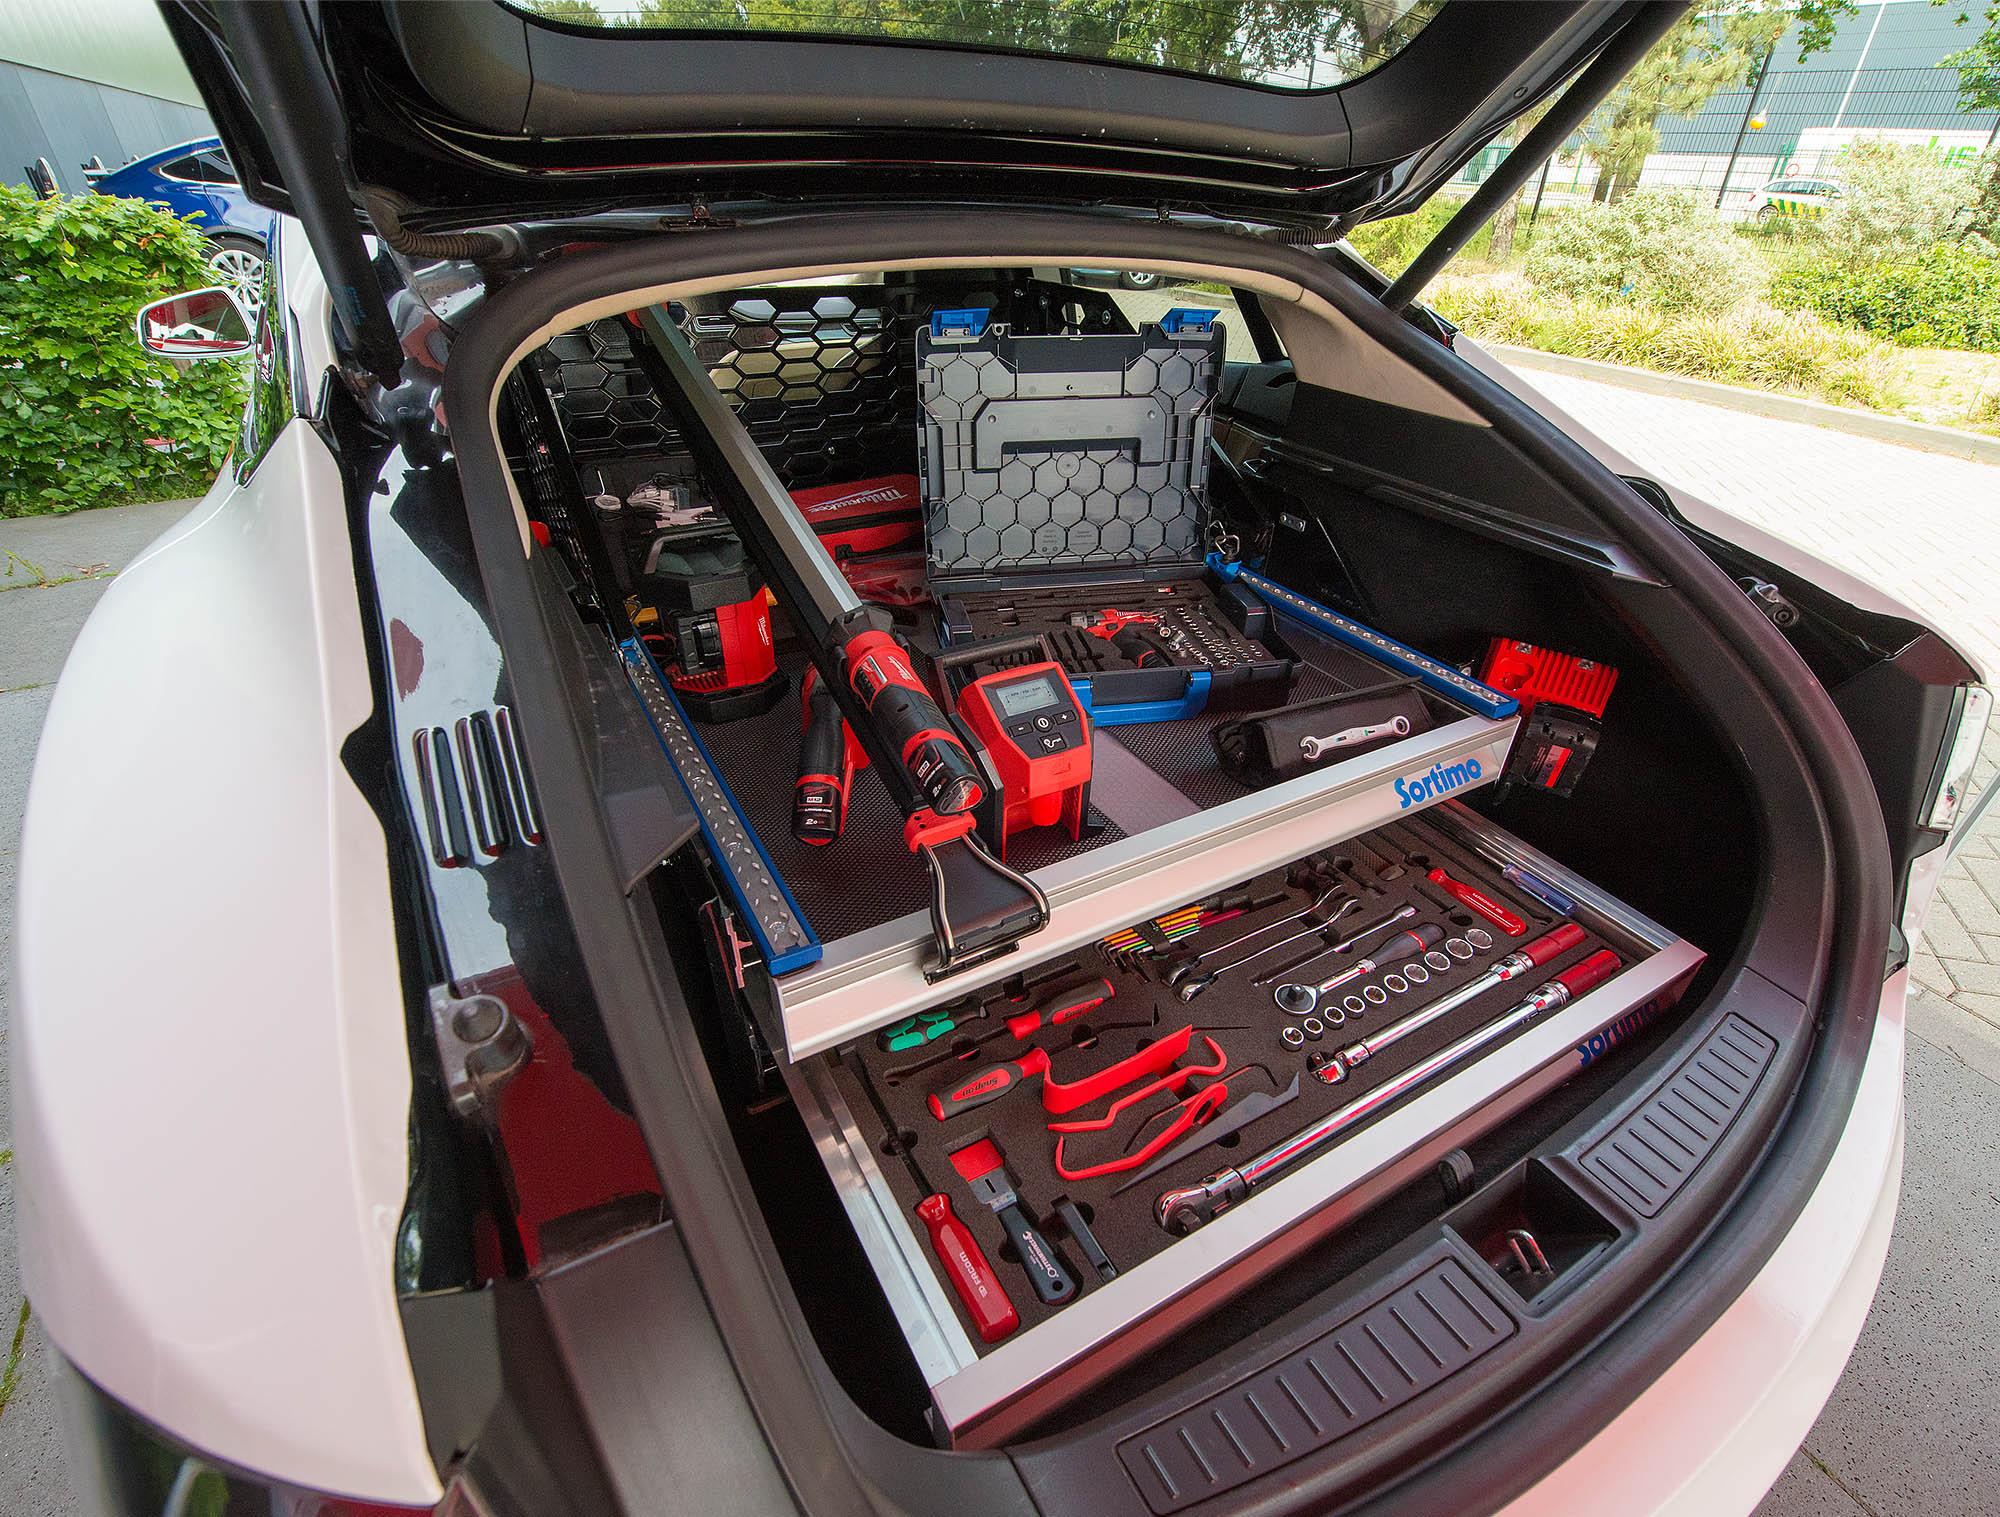 Fiks Ferdig Med Tesla Mobile Service Tesla Owners Club Norway